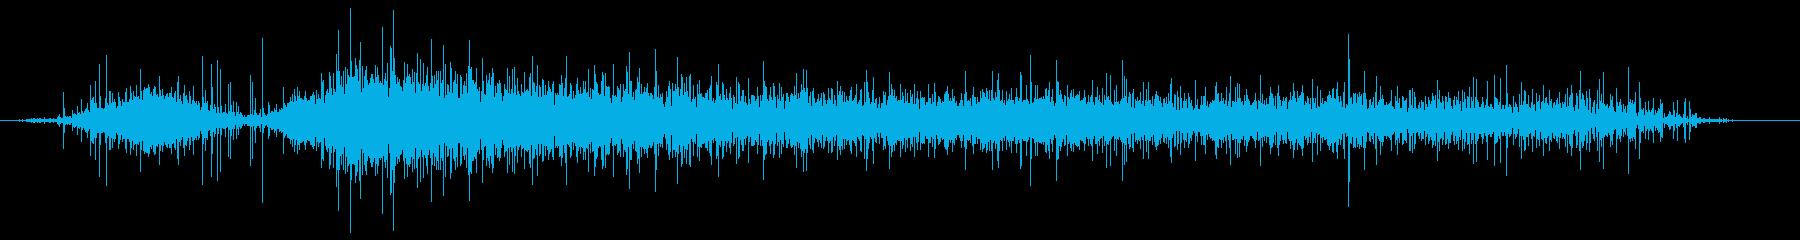 ホイールバローからのダンプグラーブ...の再生済みの波形